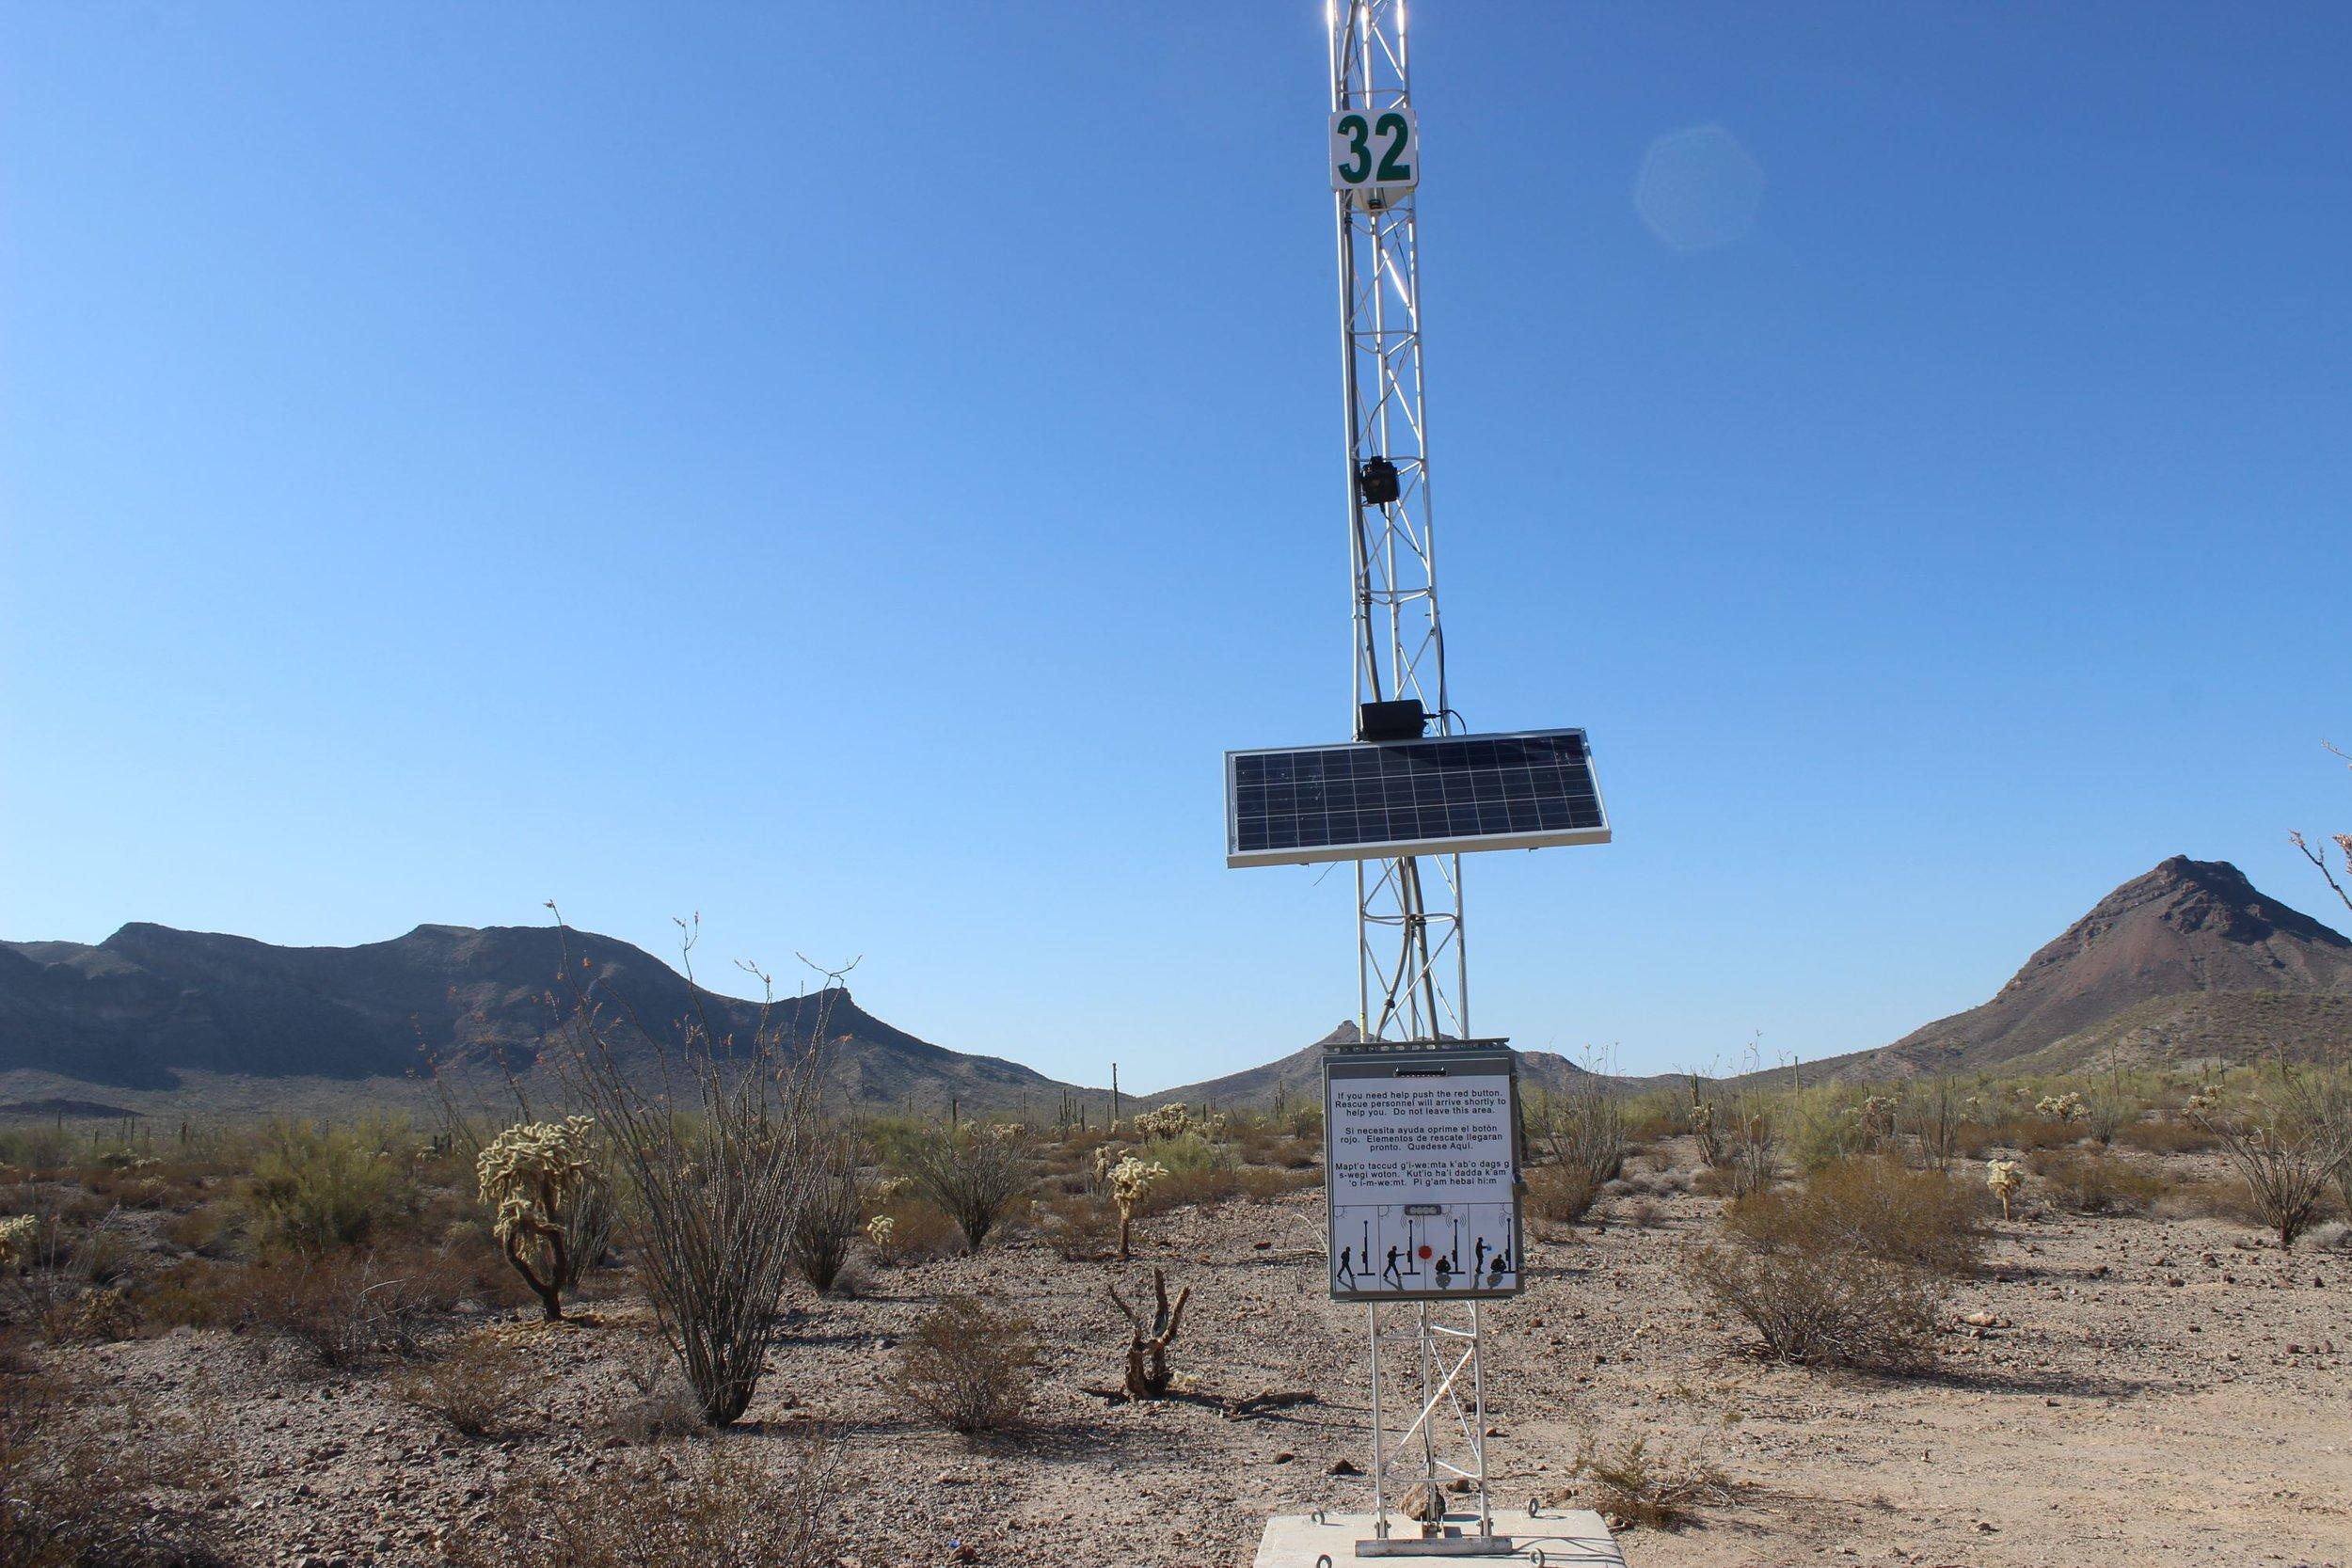 An emergency beacon along El Camino Del Diablo.